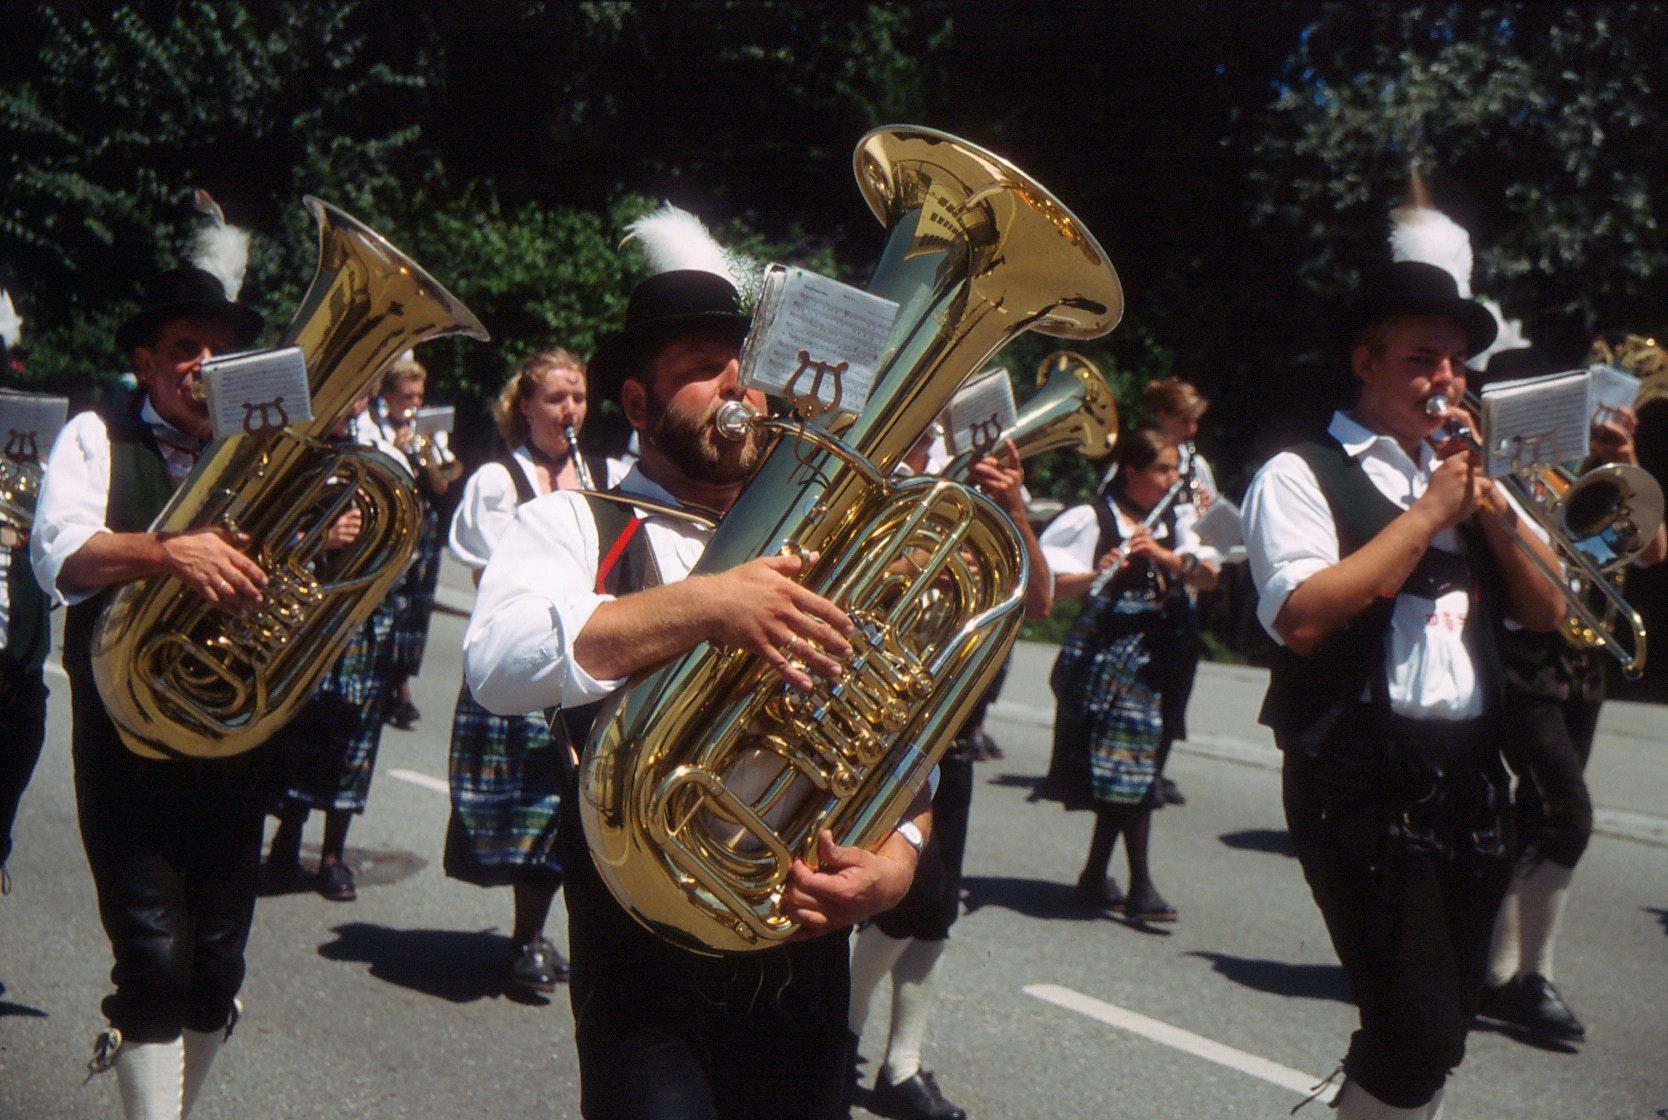 Beieren Blaasmuziek